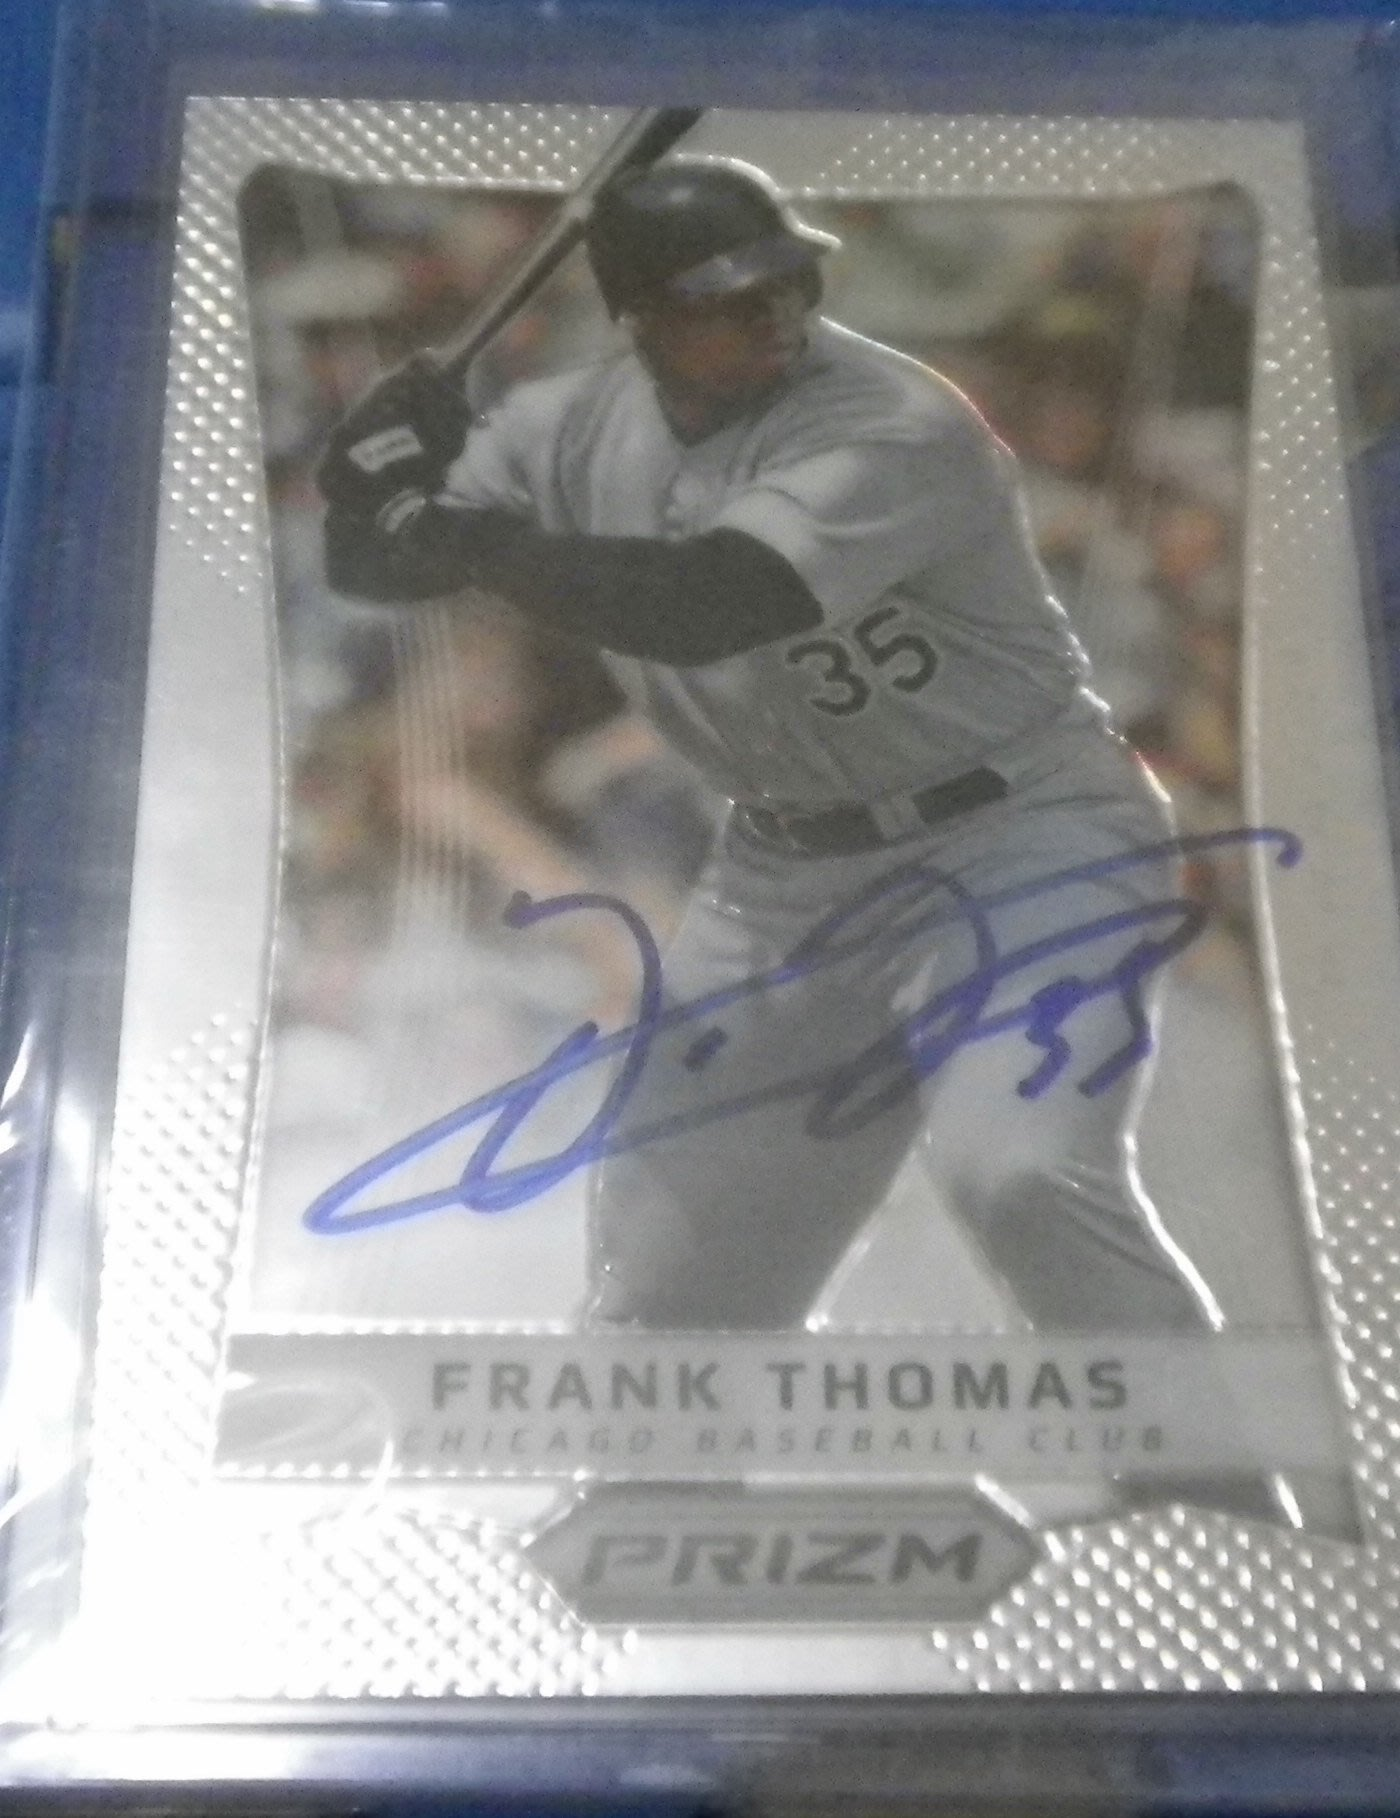 棒球天地---賣場唯一--- 重傷害Frank Thomas 2012簽名球卡.字跡漂亮